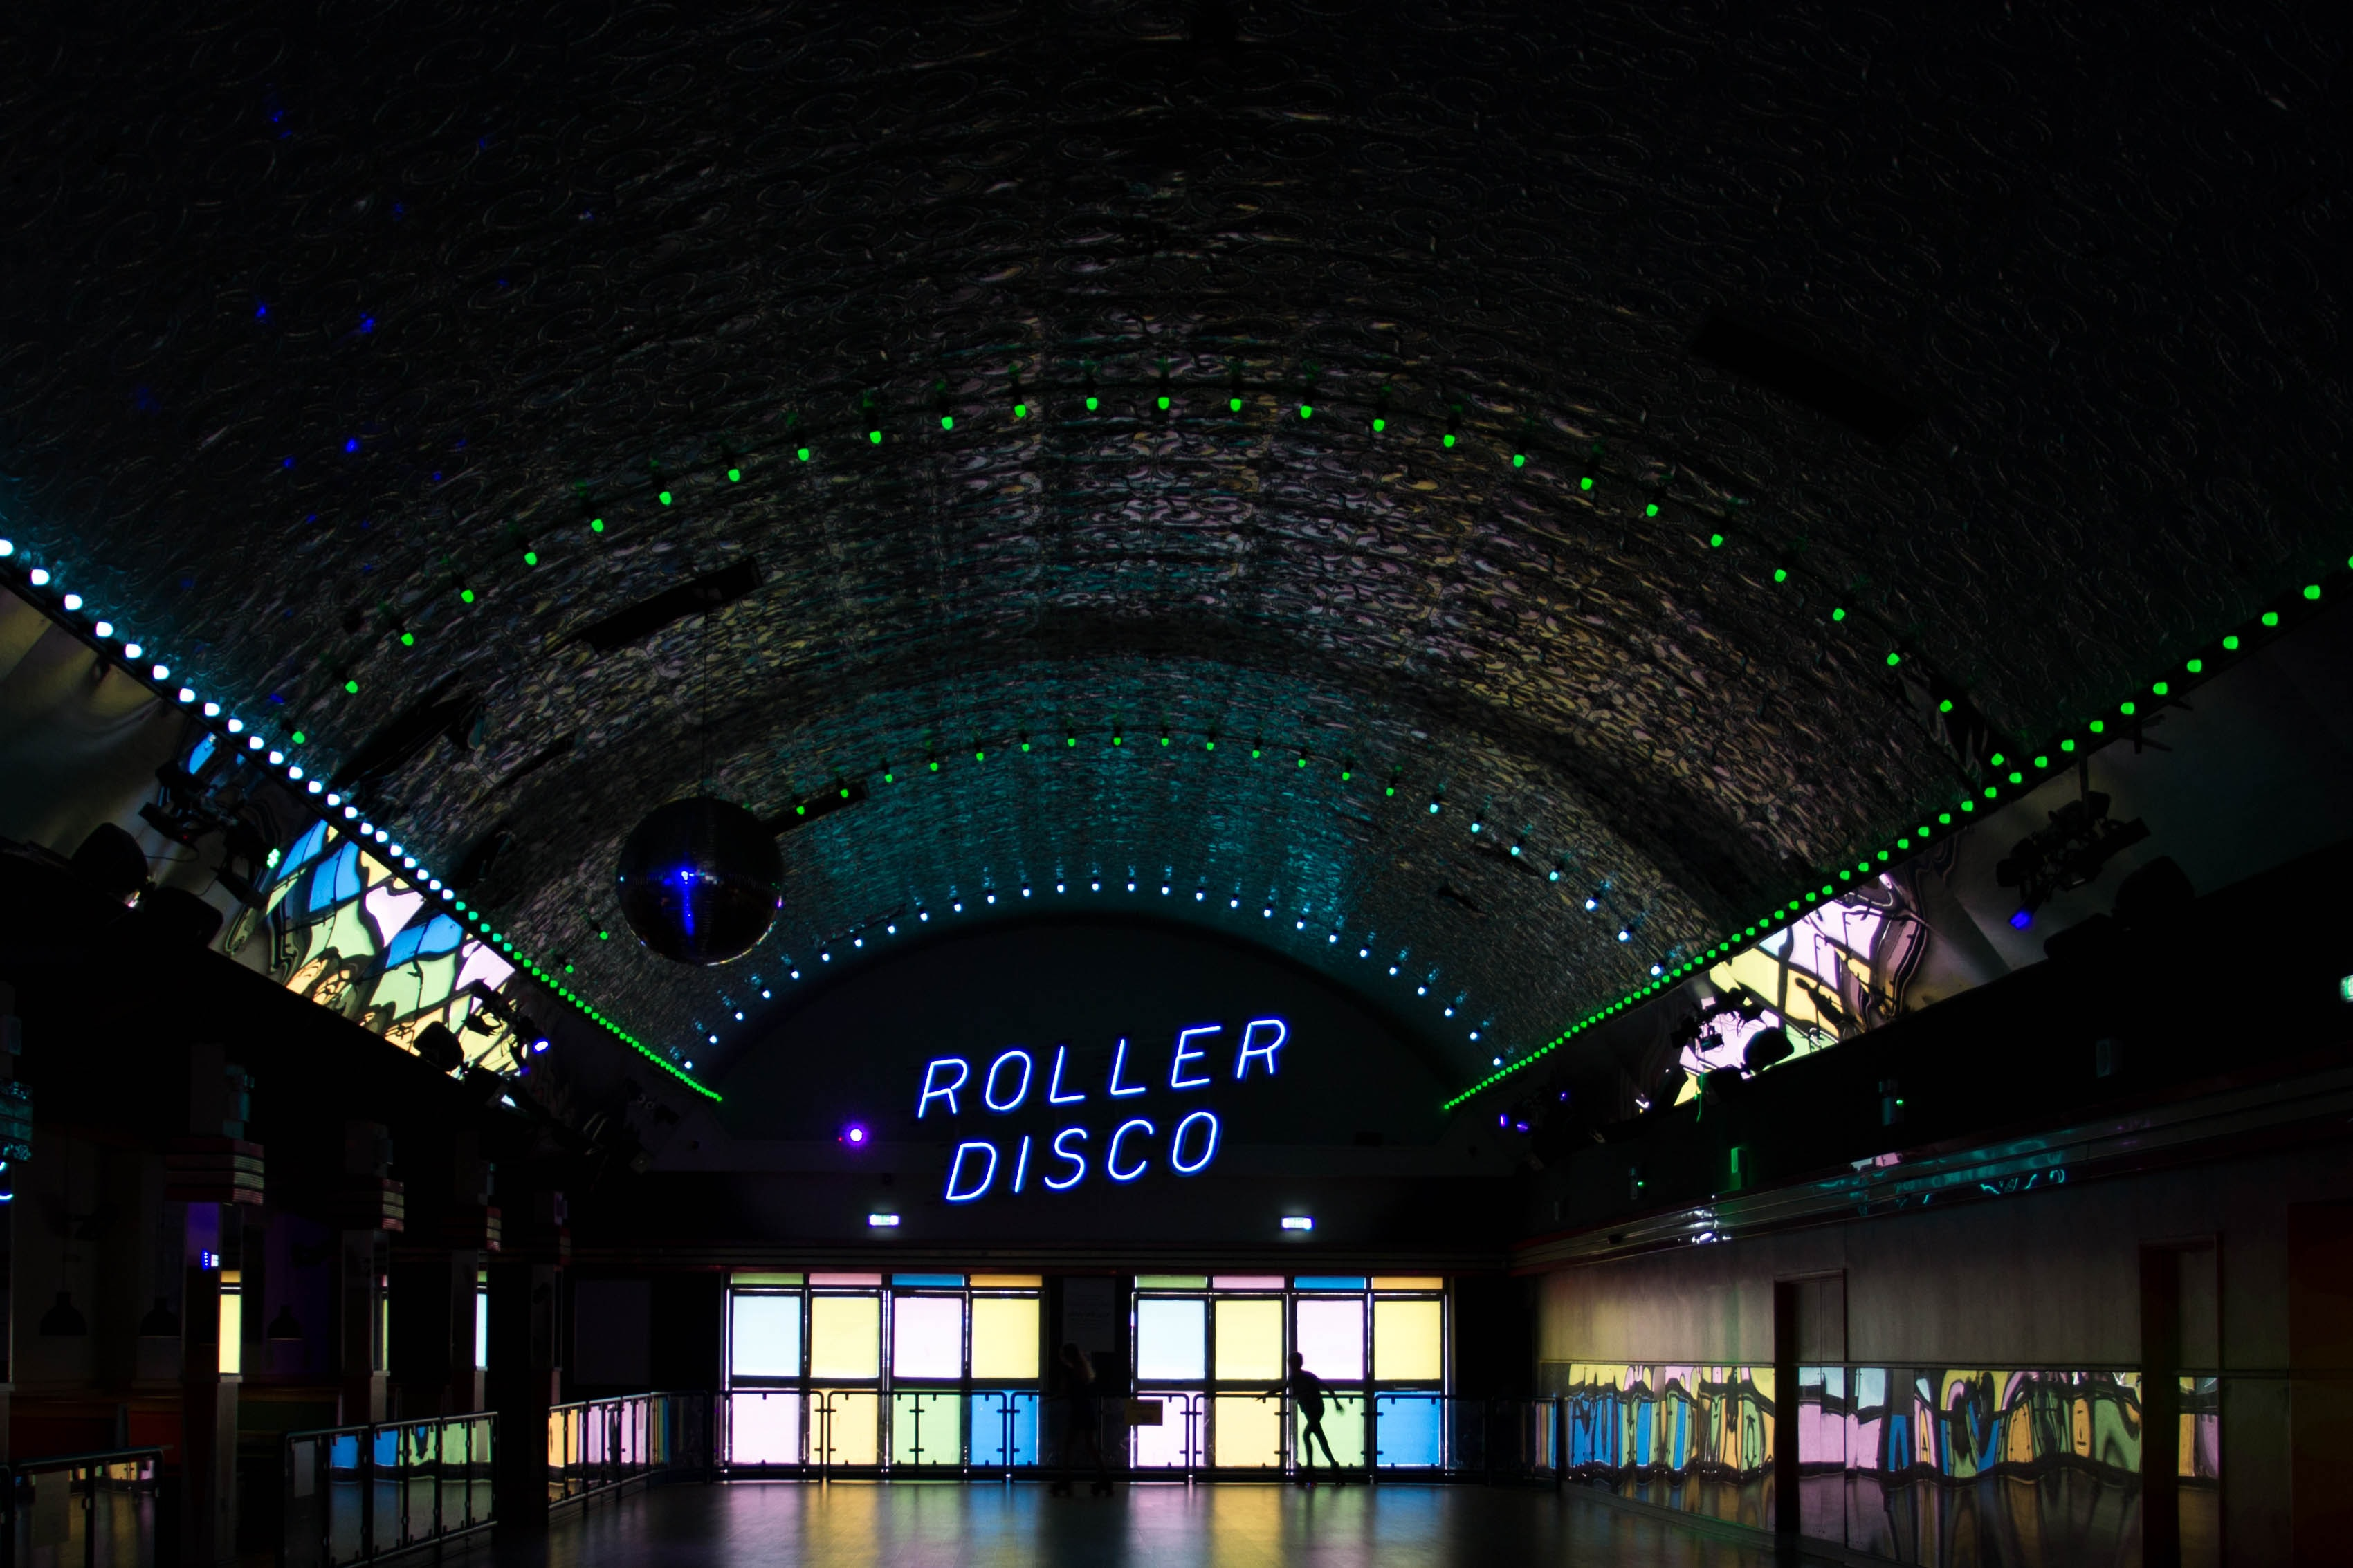 Roller Disco LED sign